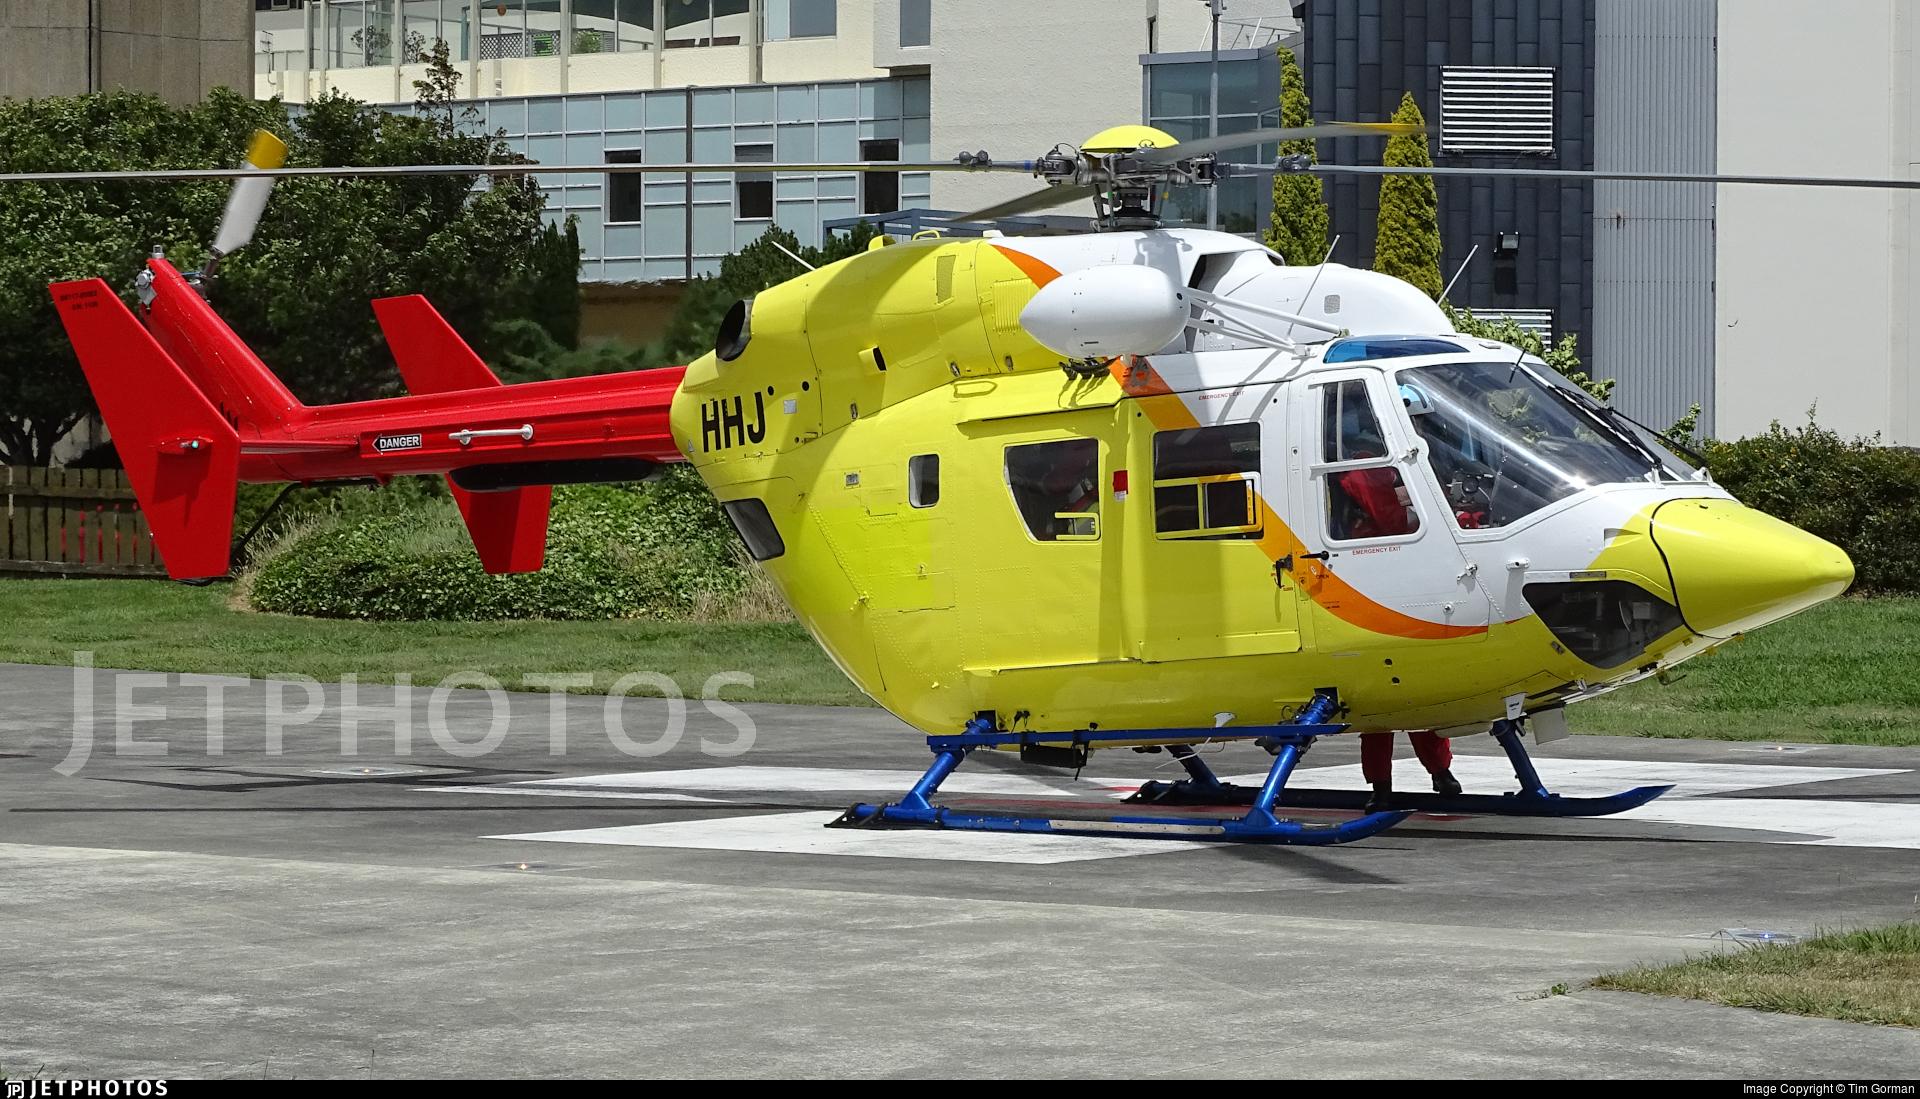 ZK-HHJ - MBB-Kawasaki BK117B-2 - Phillips Search & Rescue